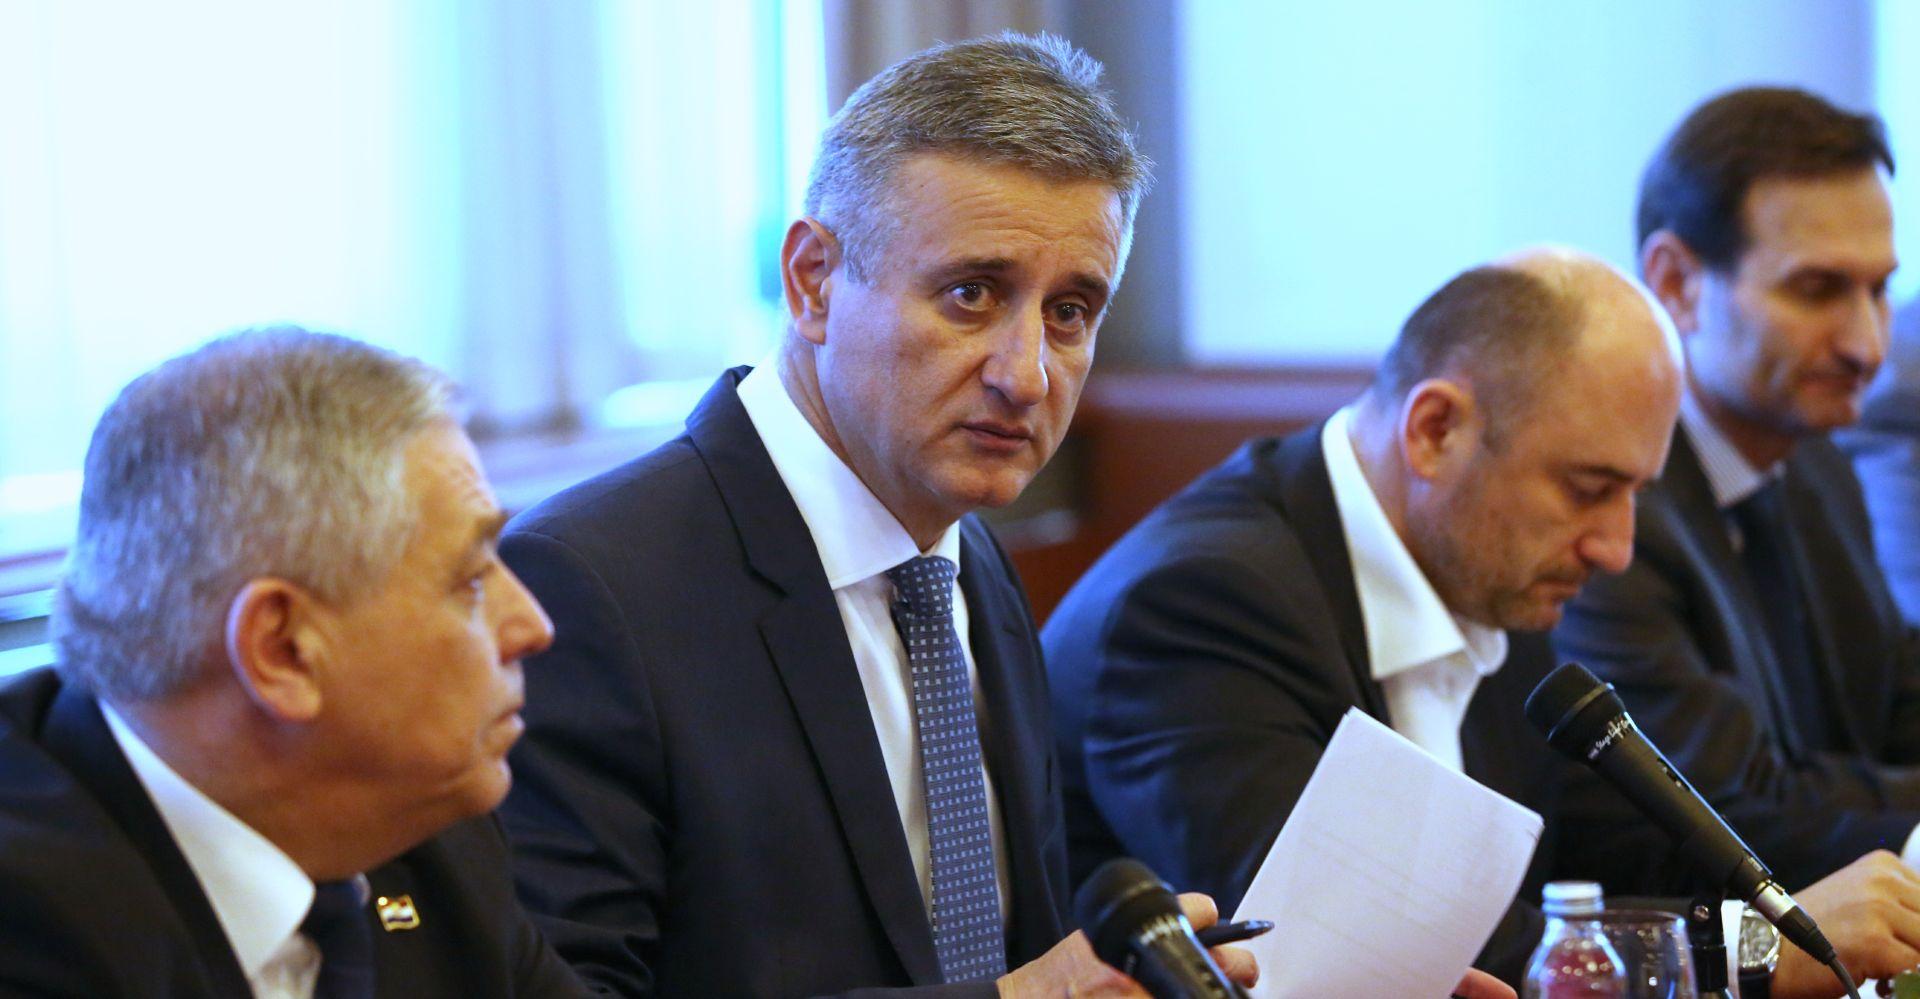 OGLASIO SE I HDZ:  Milanović nije uspio za četiri godine postići ono što je već učinio mandatar Orešković